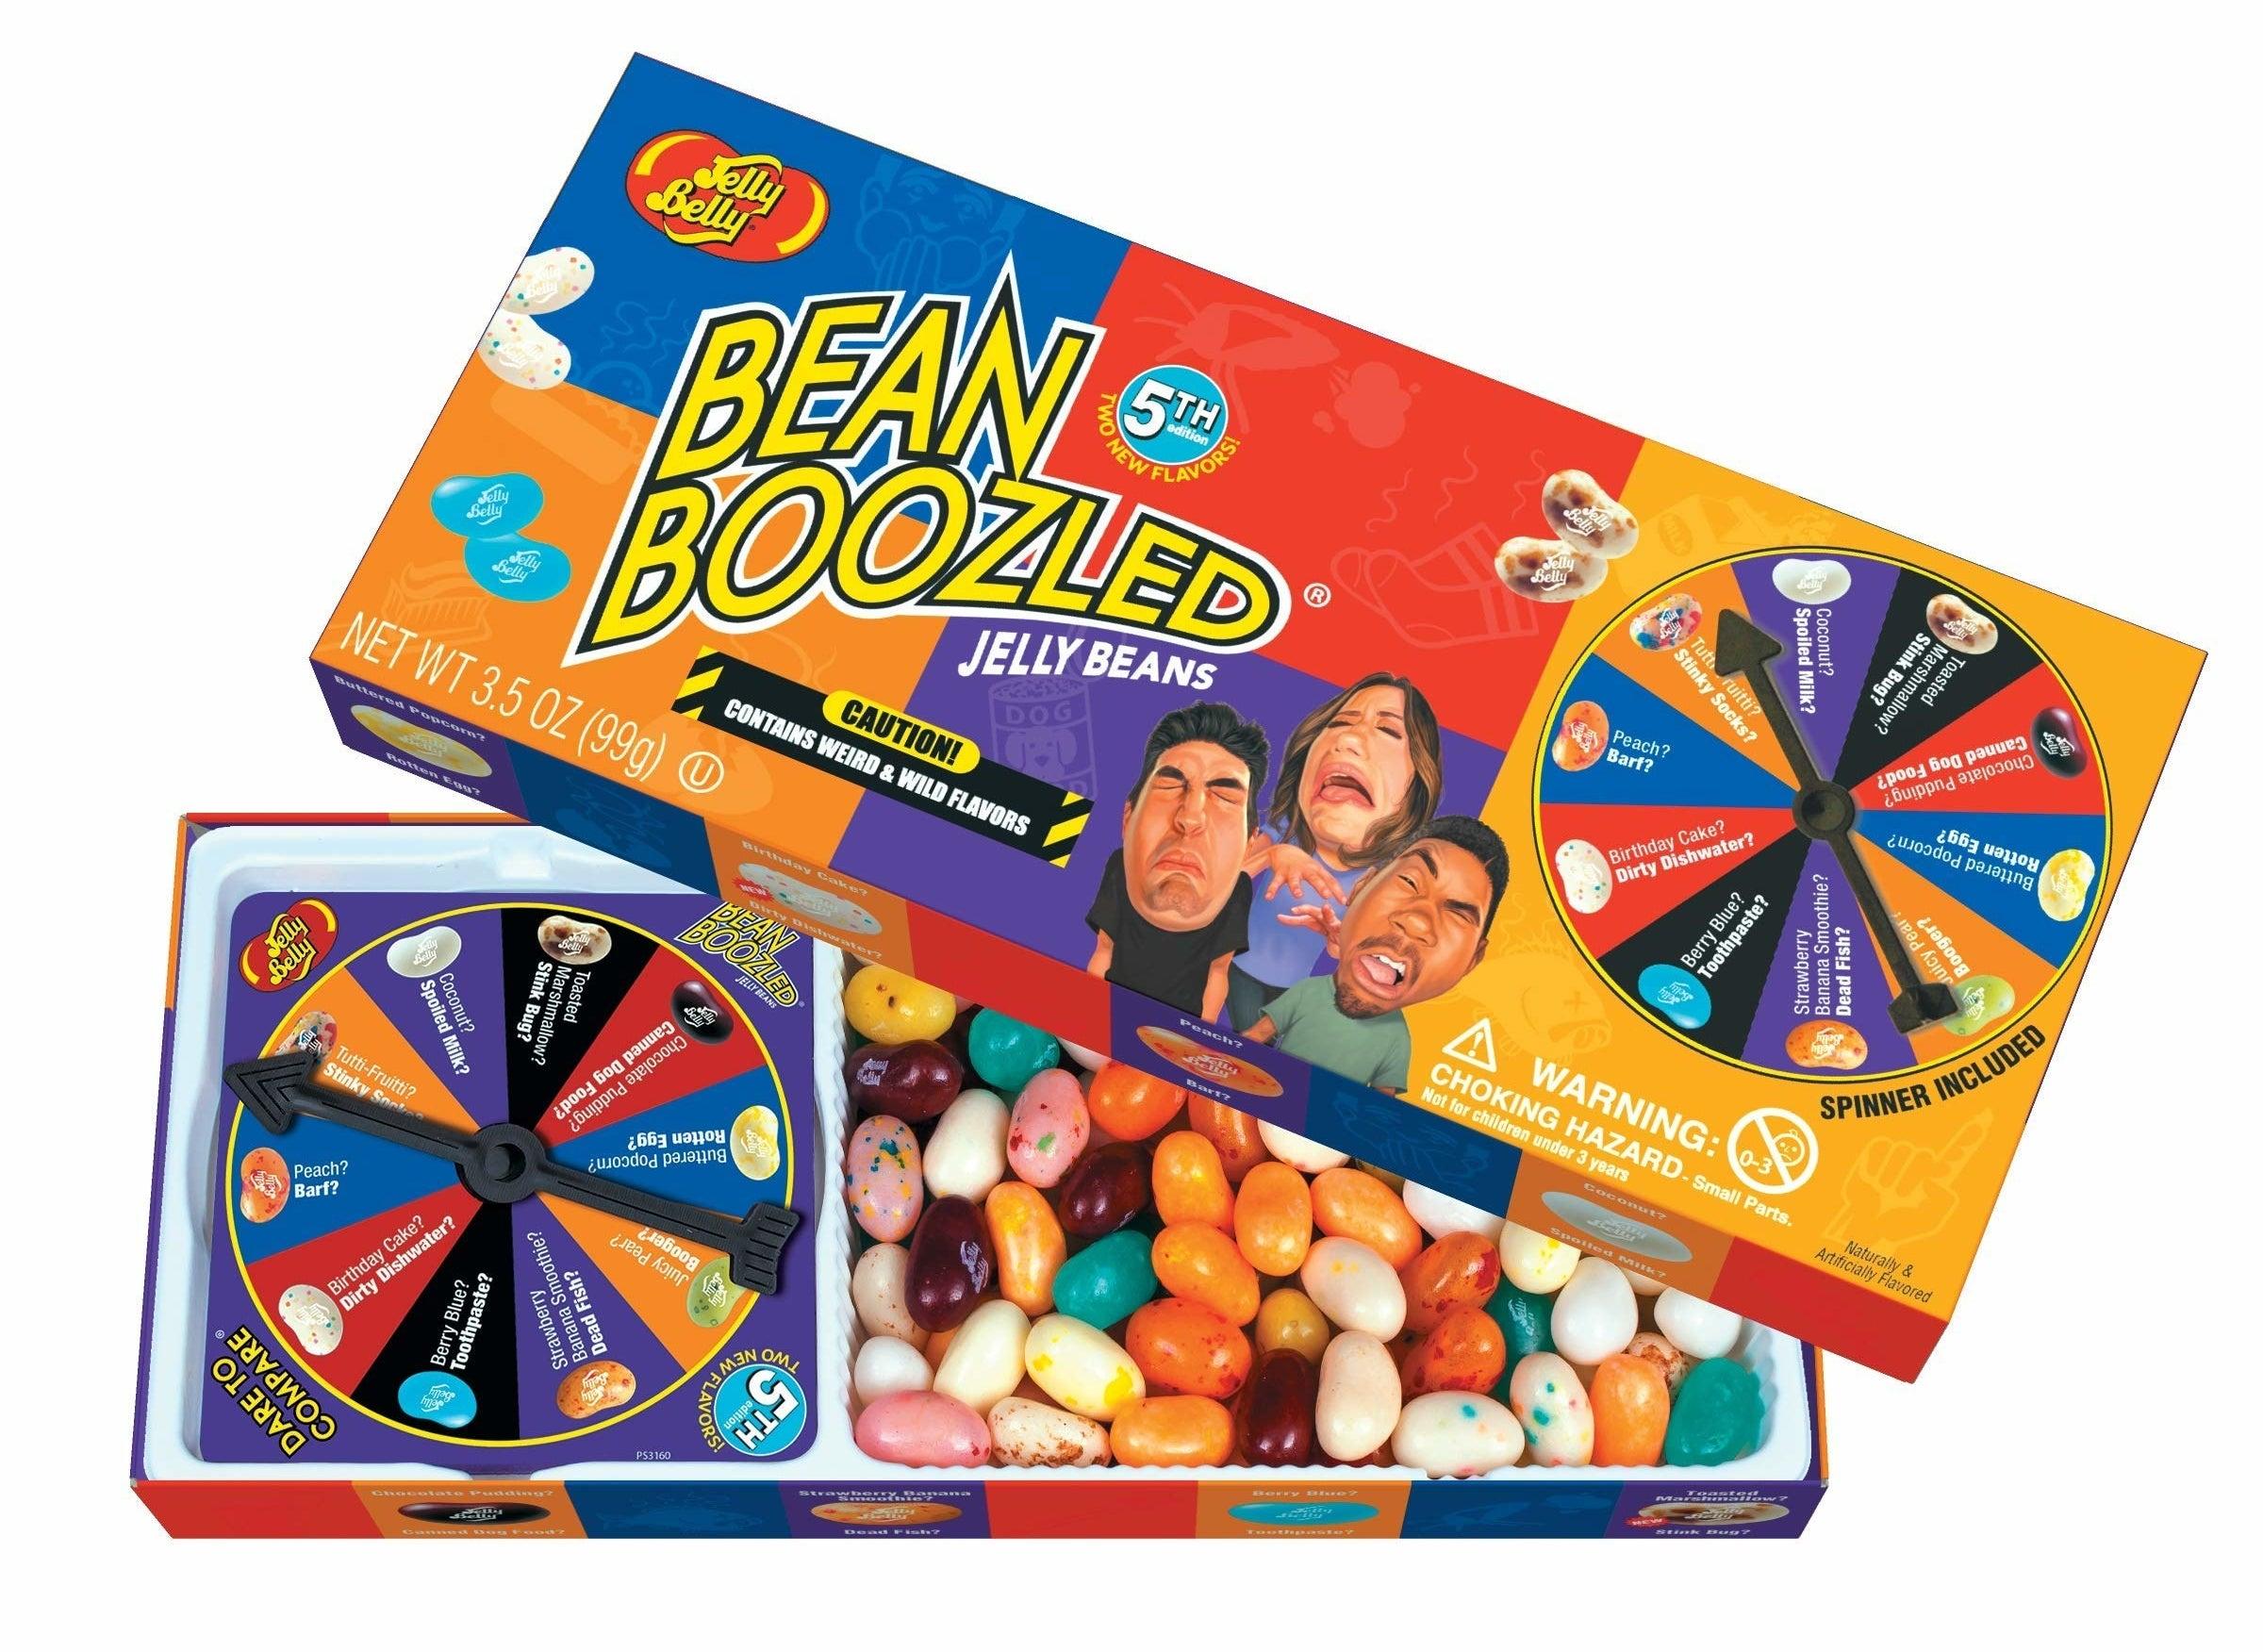 The Bean Boozled box